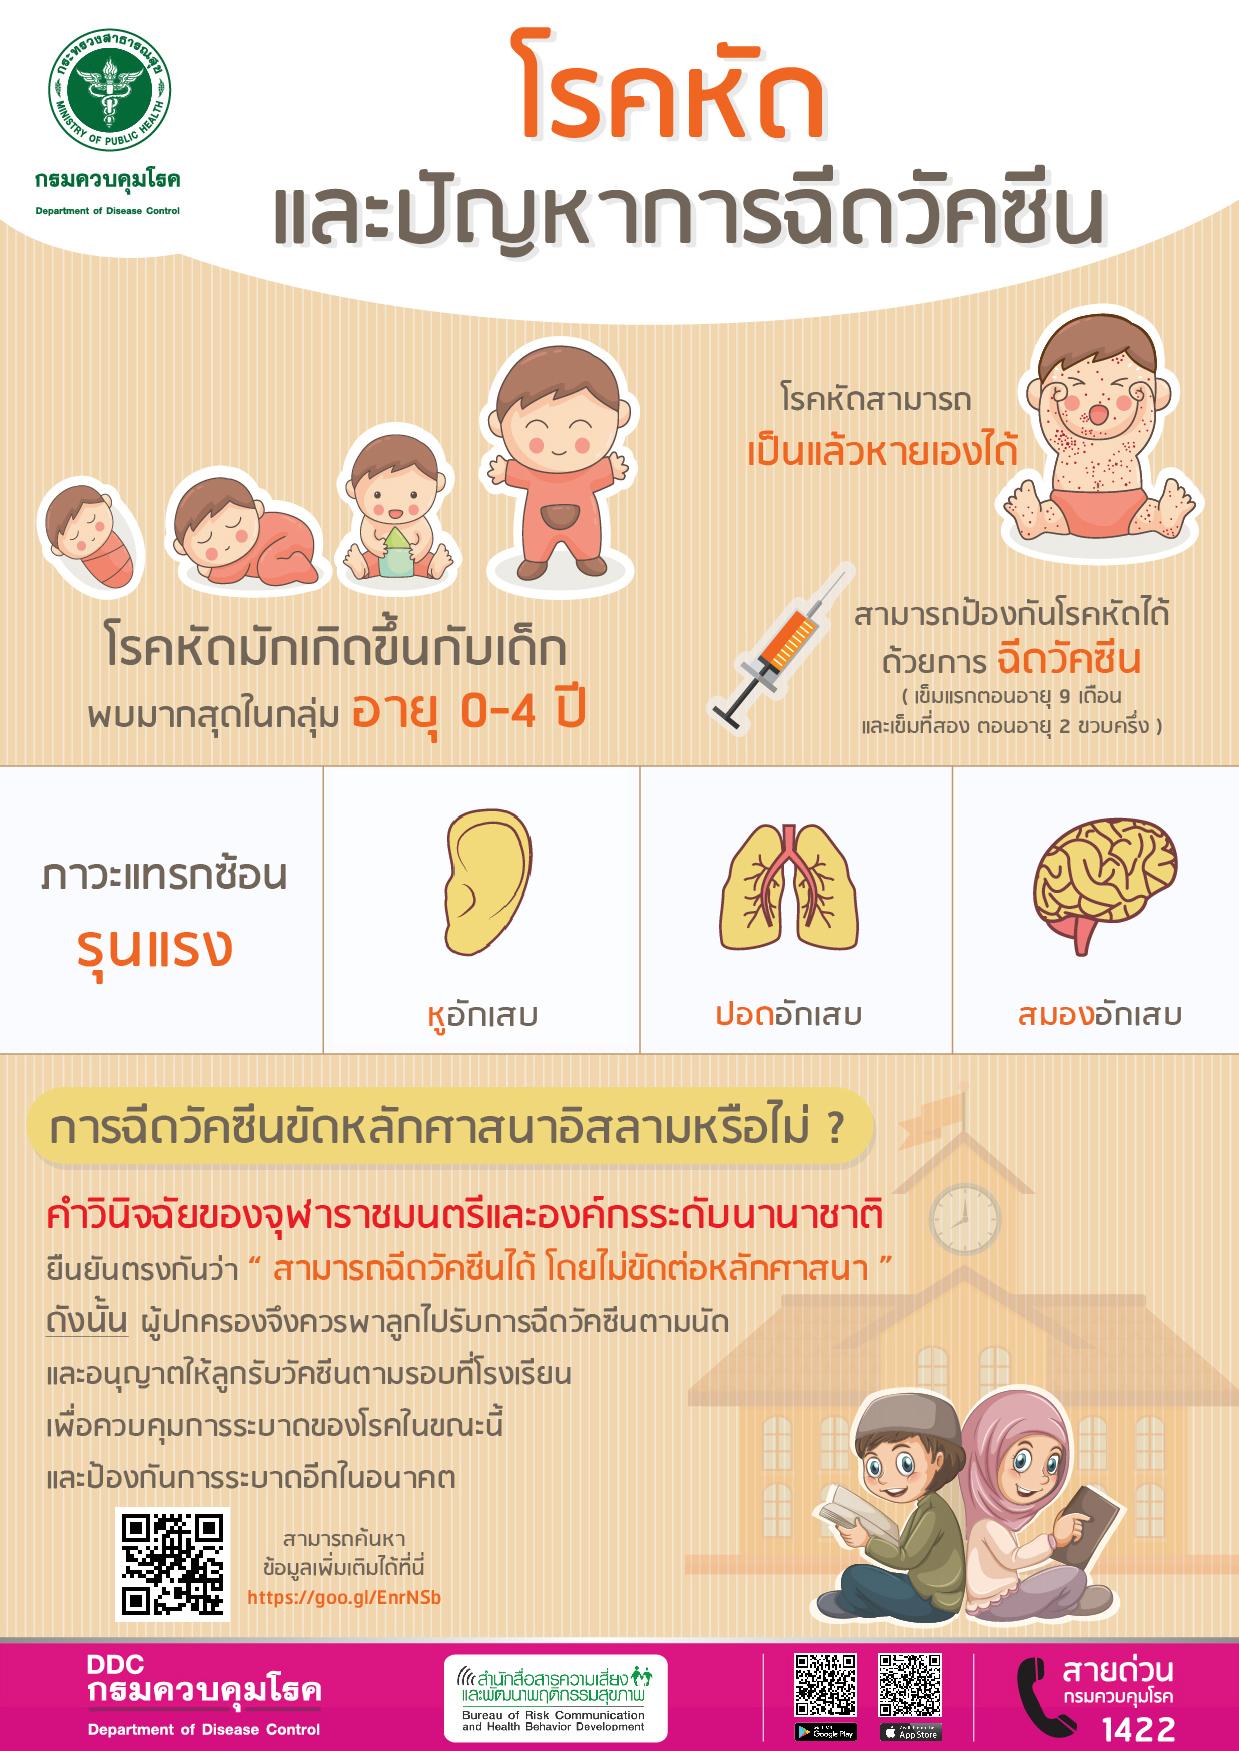 โรคหัดและปัญหาการฉีดวัคซีน